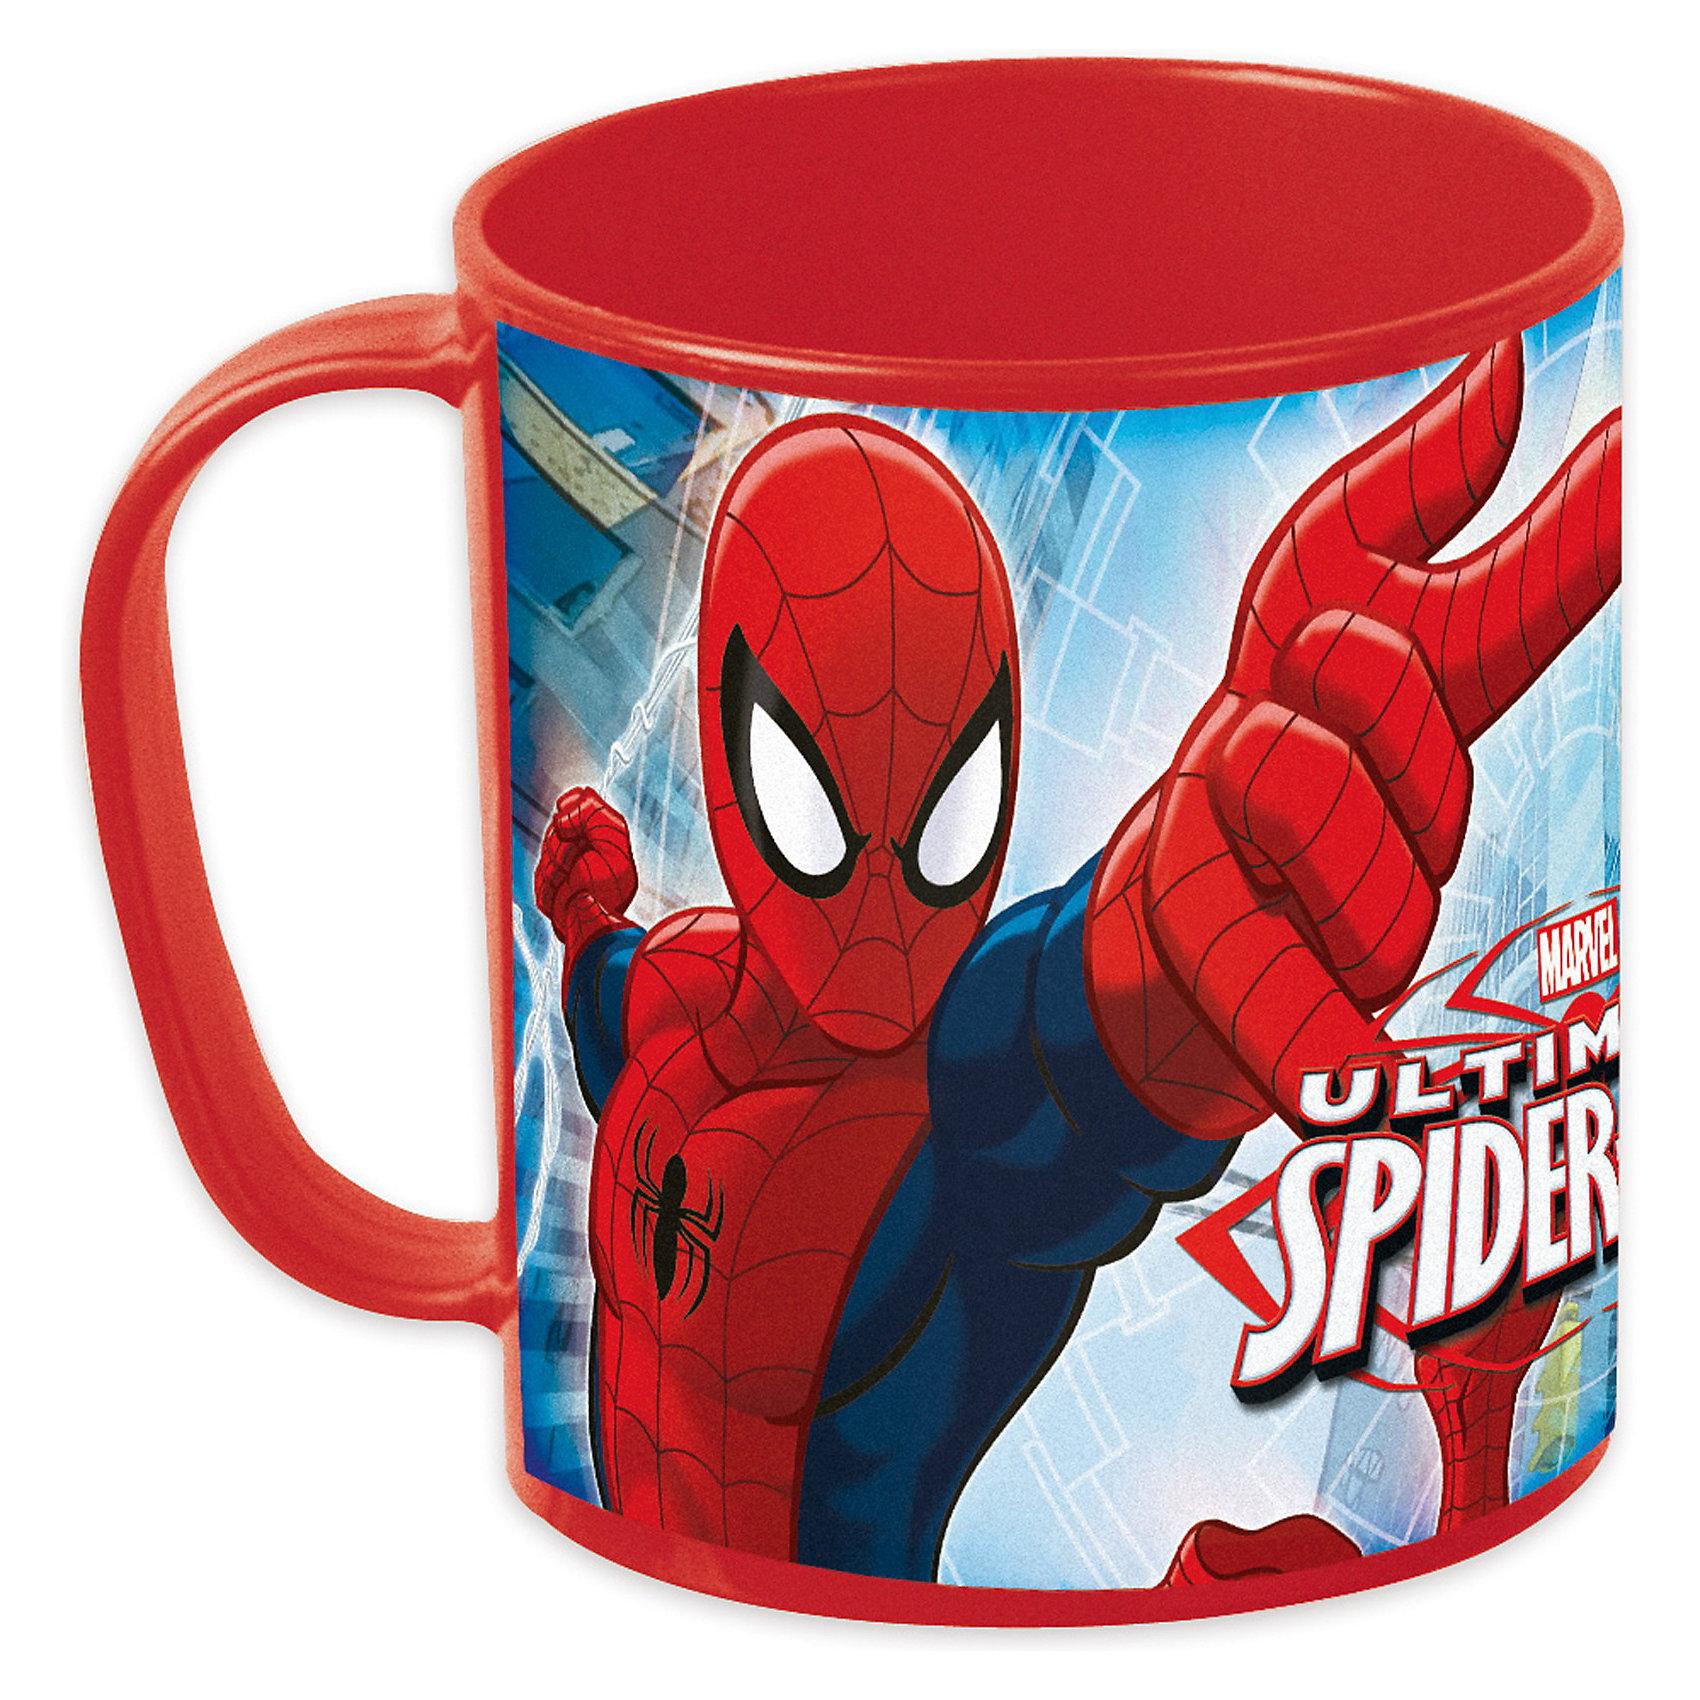 Кружка для СВЧ (350мл), Человек-ПаукОригинальная  яркая детская Кружка для СВЧ (№2; 350 мл) Человек-паук (Spider-Man) с  изображением любимого героя непременно  порадует Вашего малыша и Вам не придется уговаривать его попить: теперь это его любимое занятие! Легко и удобно разогревать напитки в микроволновой печи!<br><br>Дополнительная информация:<br><br>Объем: 350 мл.<br>Посуда пластиковая.<br><br>Создаст незабываемую атмосферу праздника!<br><br>Ширина мм: 110<br>Глубина мм: 110<br>Высота мм: 90<br>Вес г: 109<br>Возраст от месяцев: 36<br>Возраст до месяцев: 156<br>Пол: Мужской<br>Возраст: Детский<br>SKU: 3248338